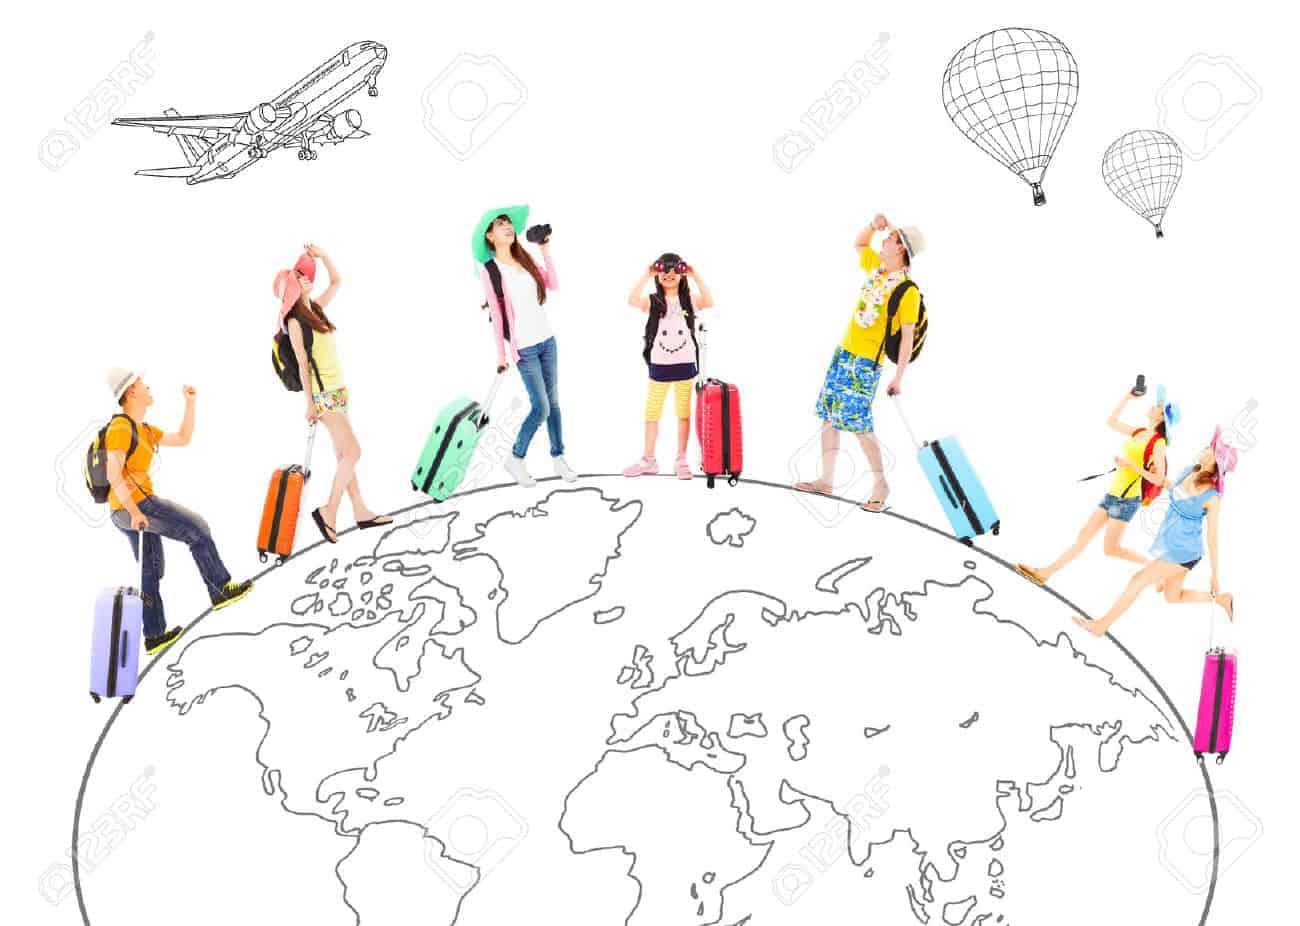 persone-di-viaggio-in-tutto-il-mondo-e-mappa-concettuale-globale-Archivio- Fotografico 5481eb3ba8f0